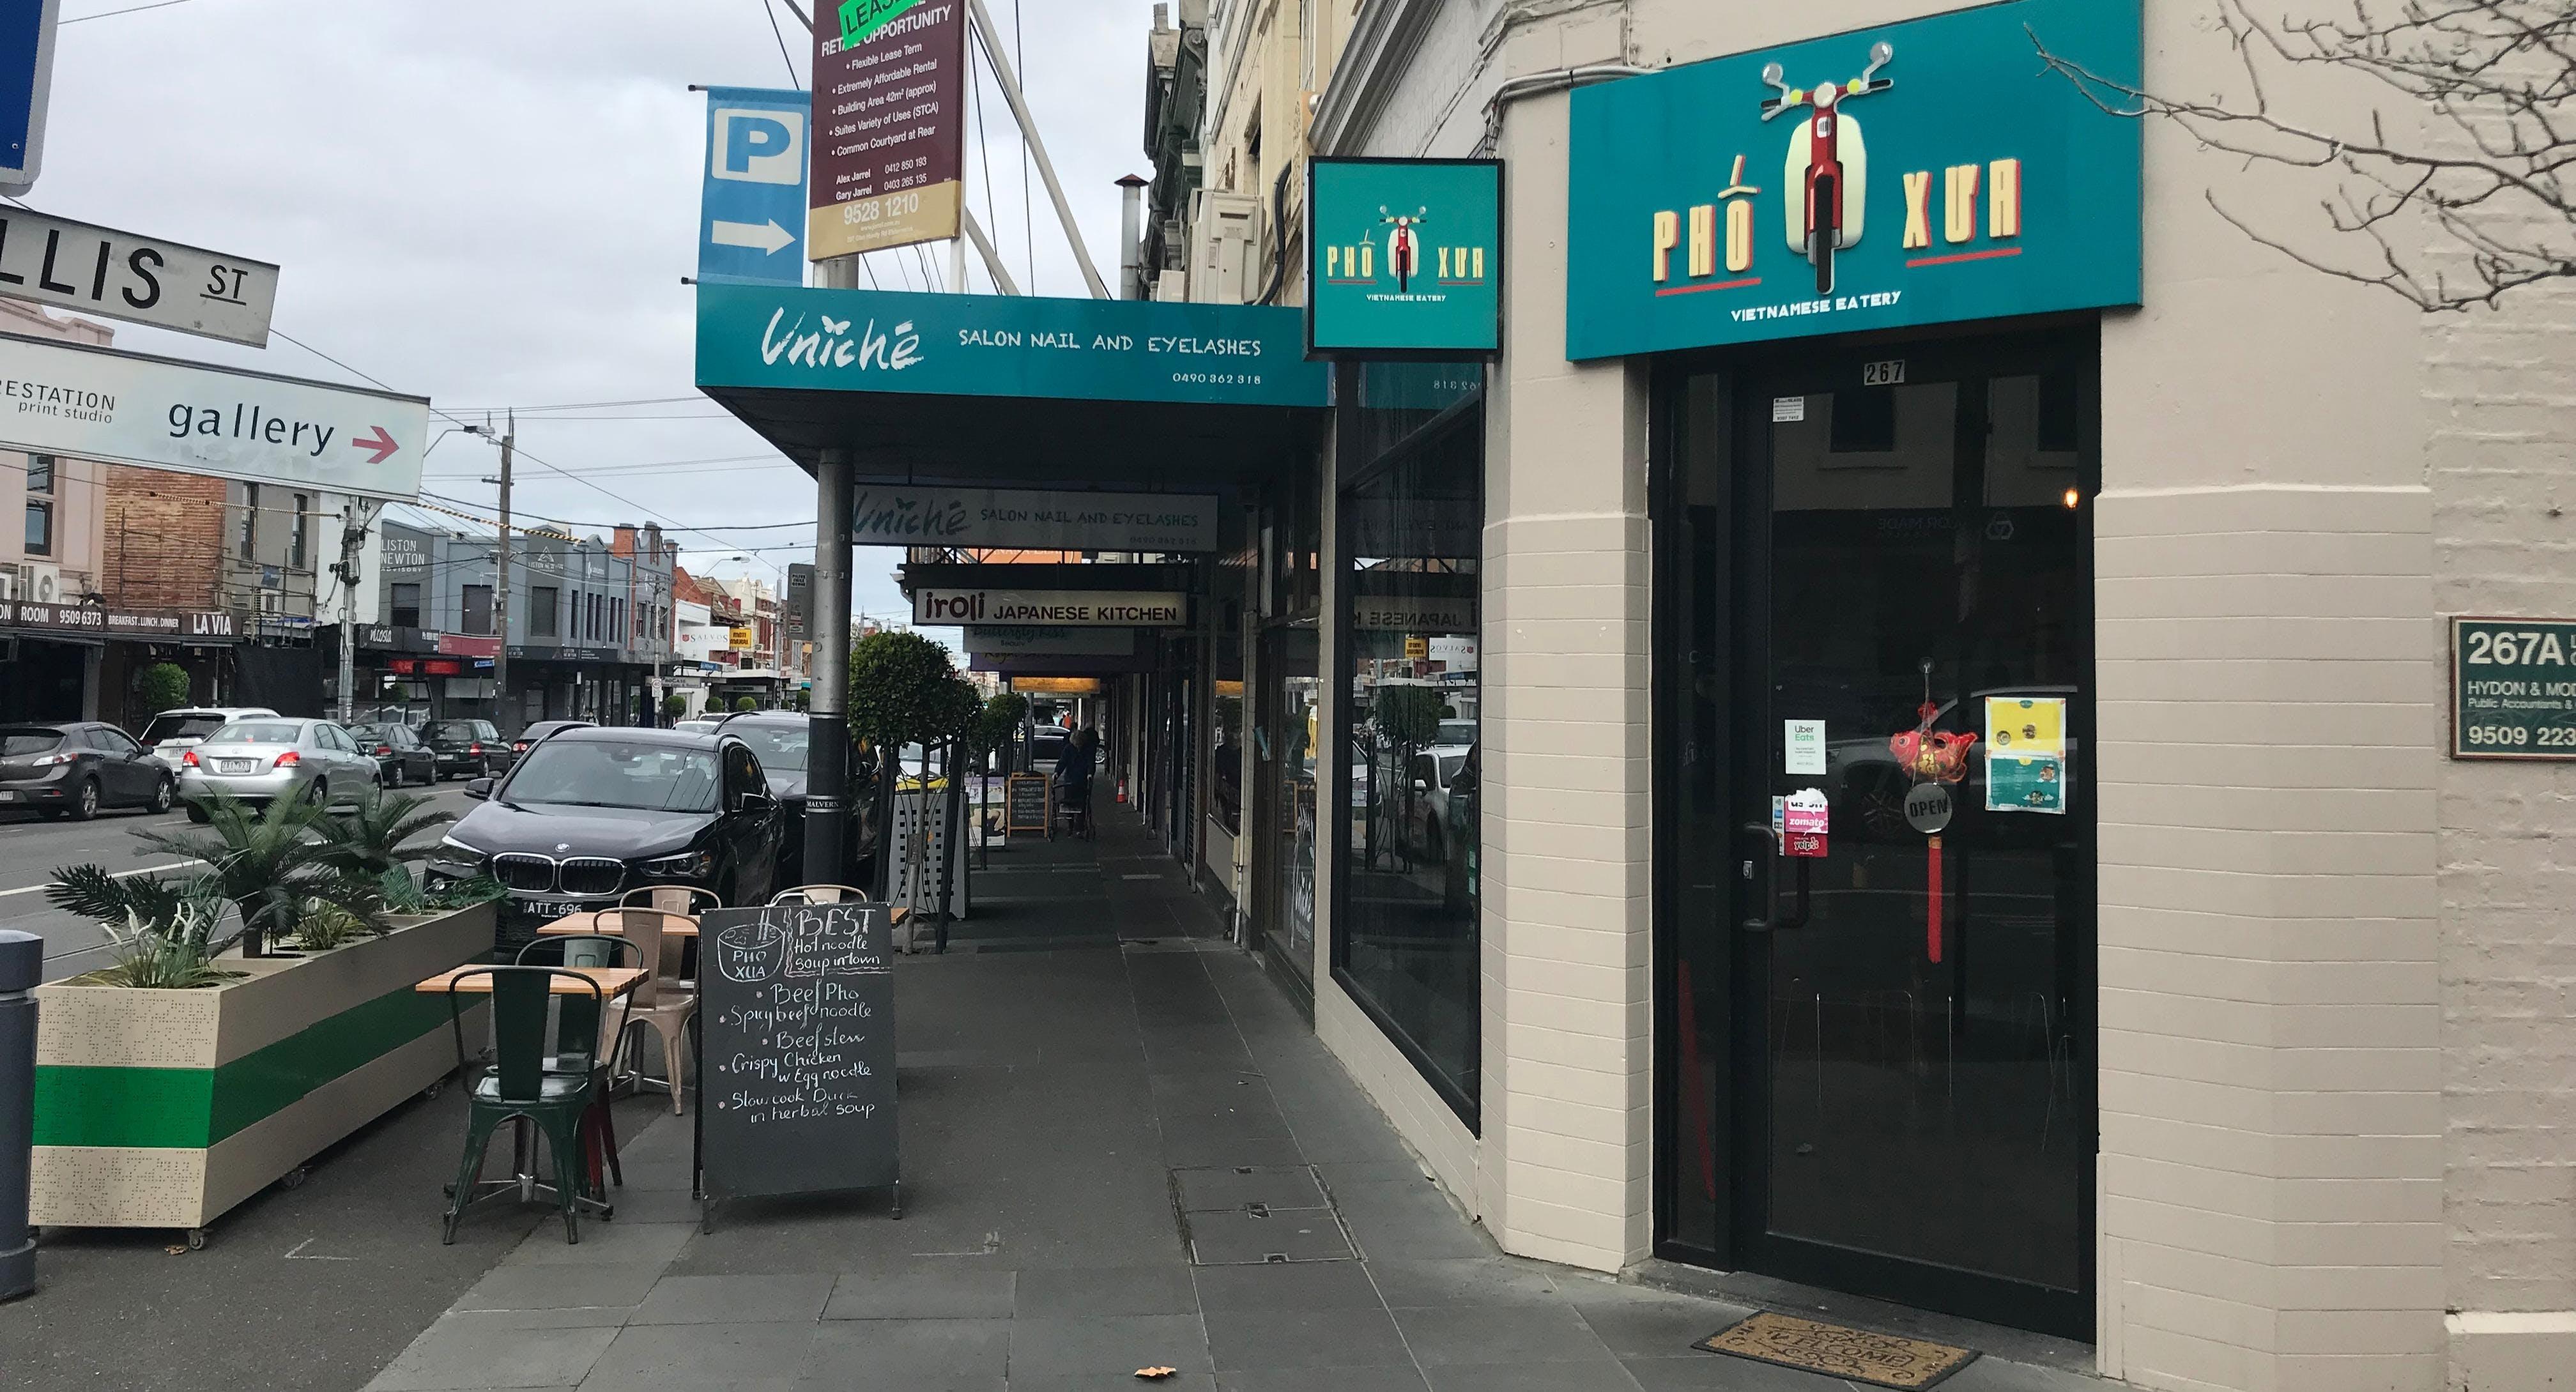 Pho Xua Melbourne image 1